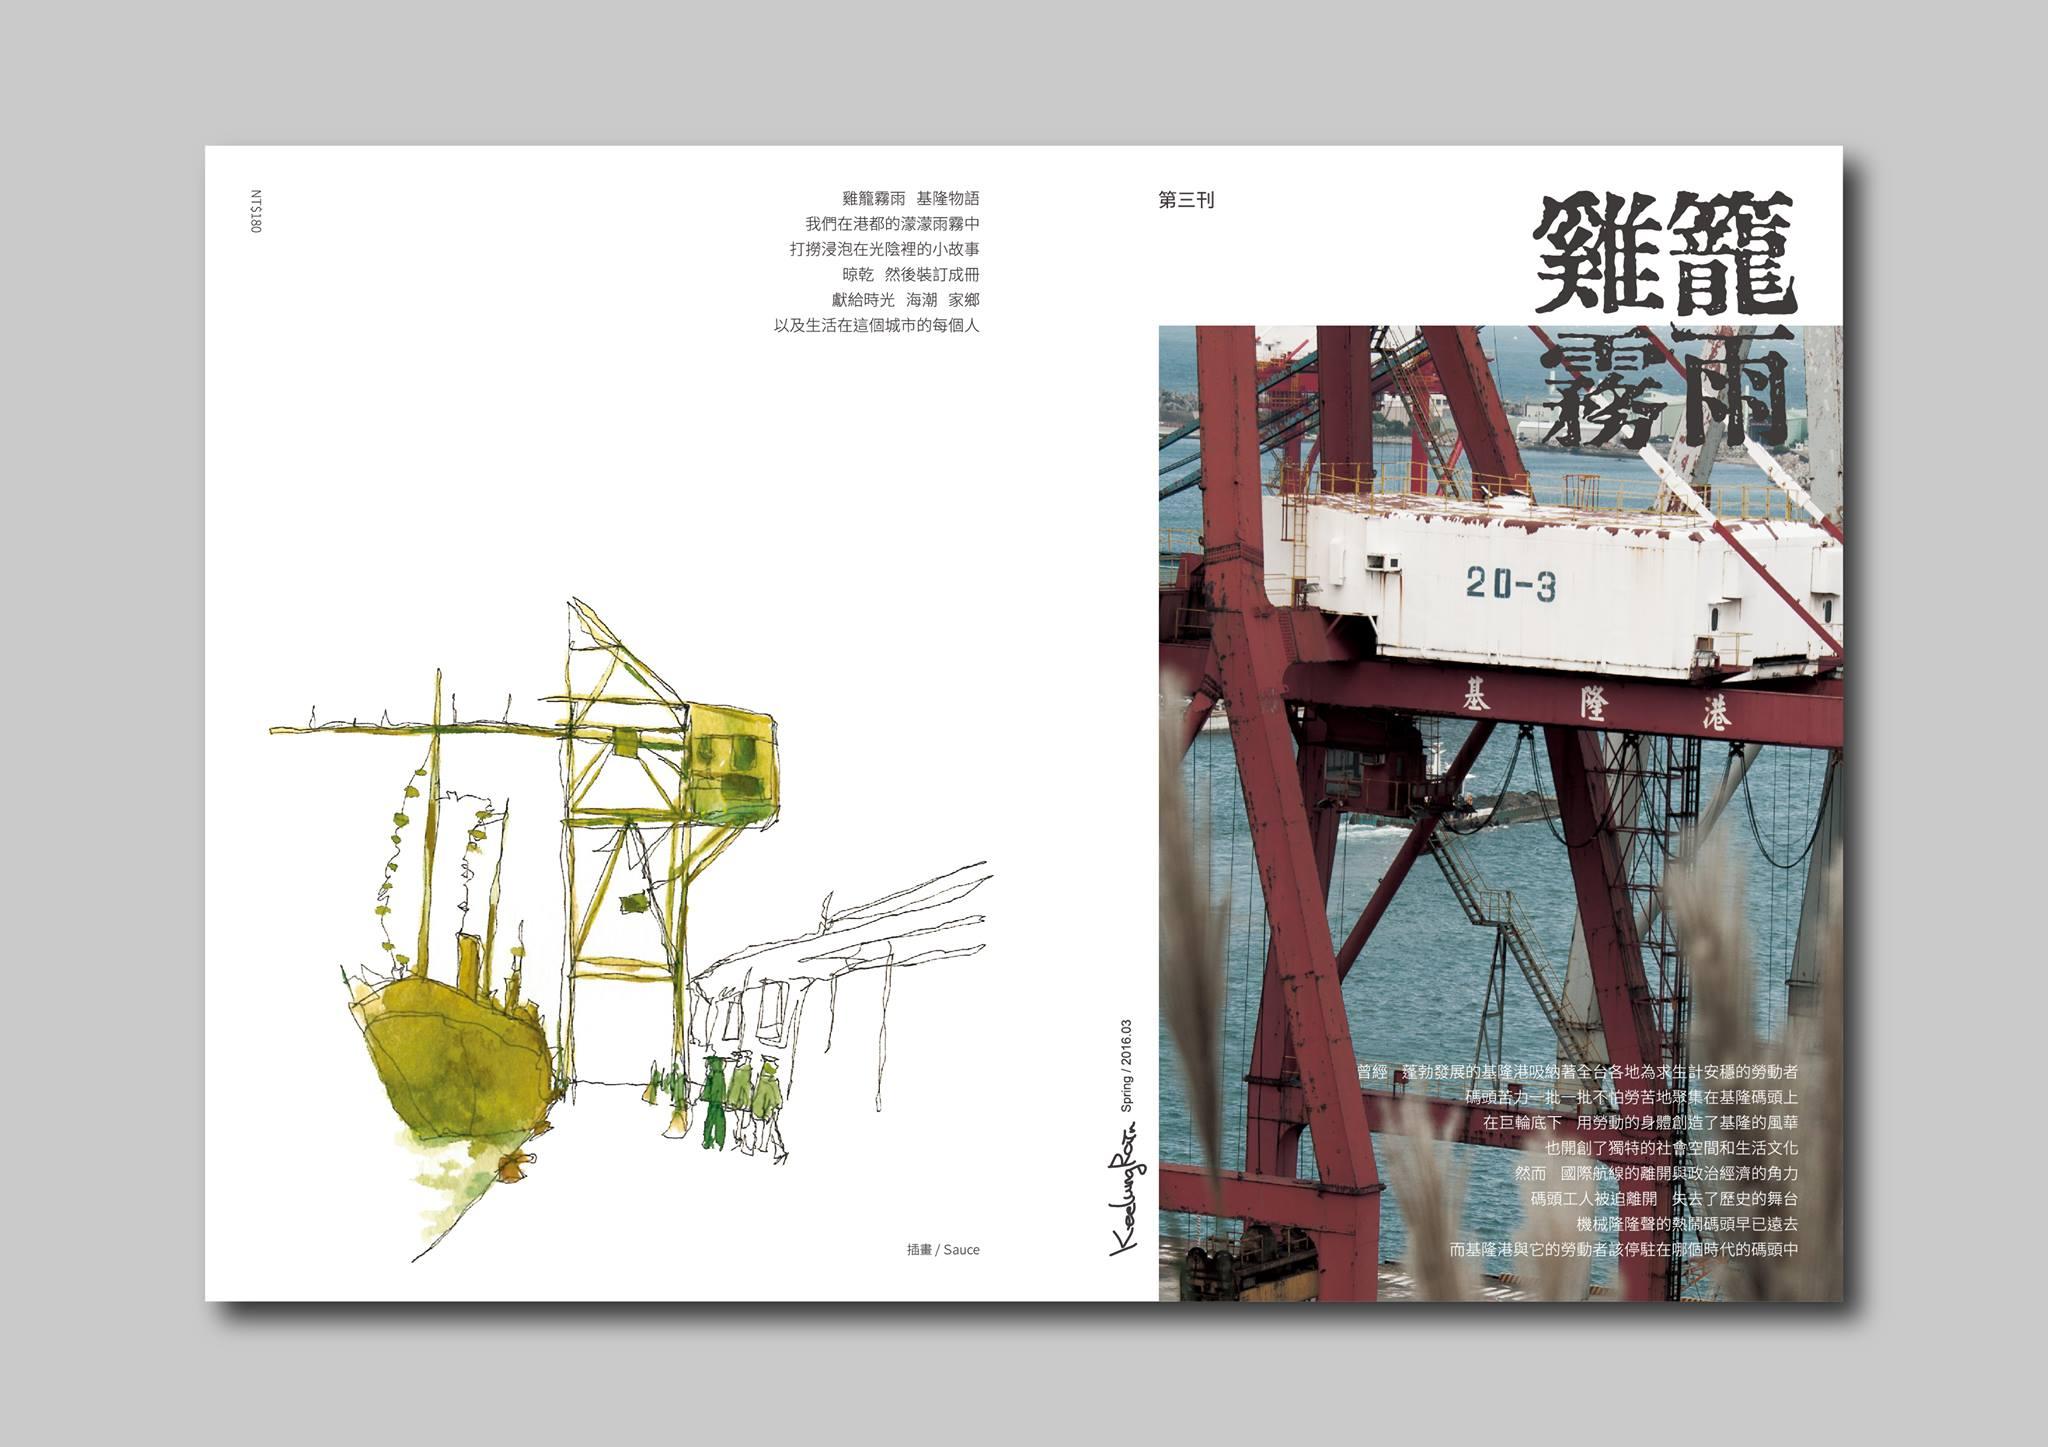 第三刊封底與封面設計